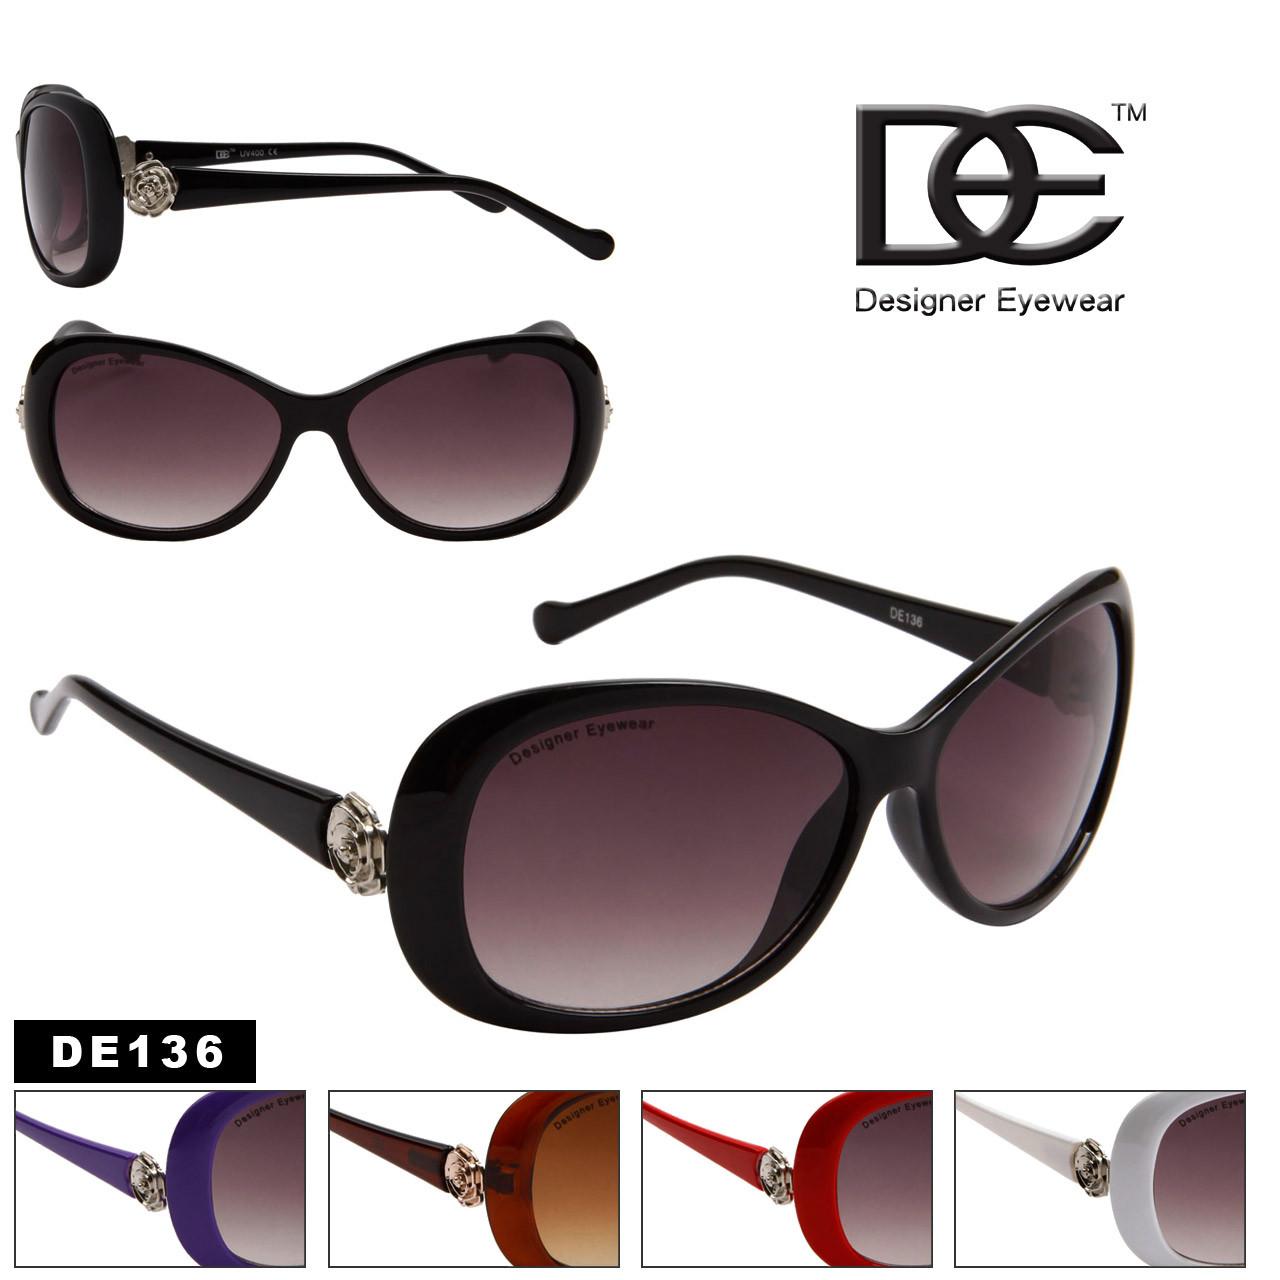 Fashion Sunglasses Style # DE136